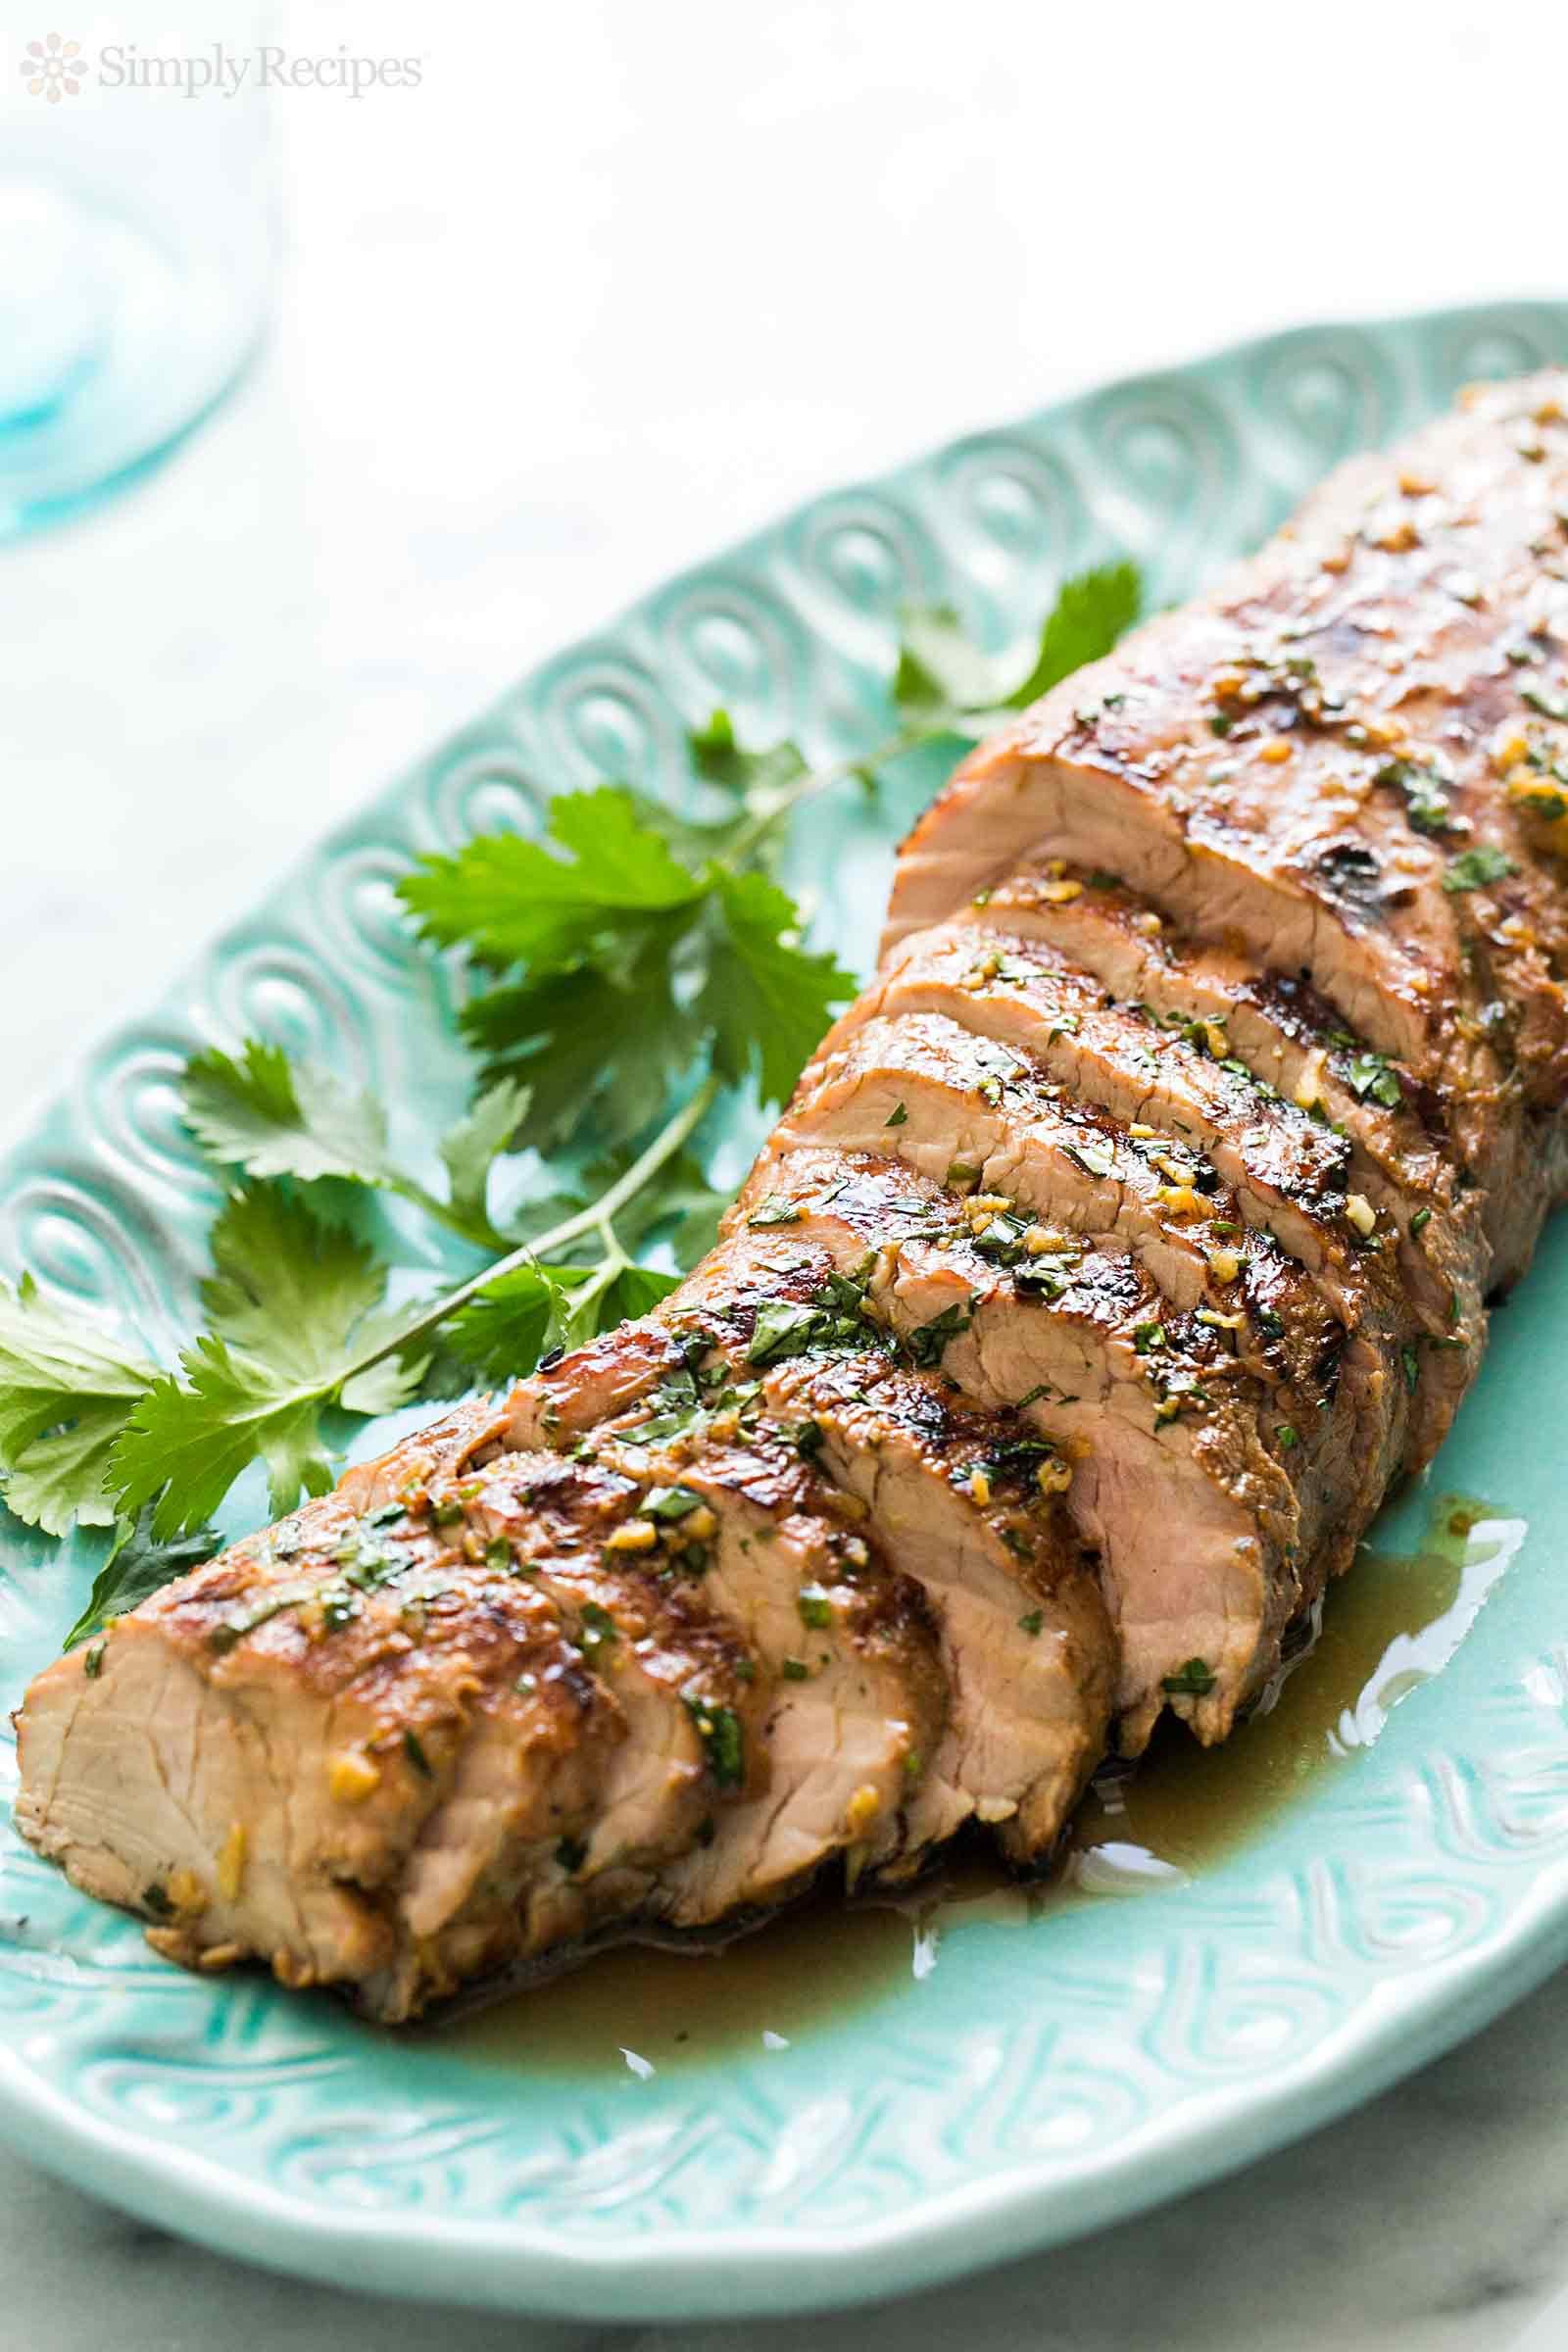 Easy Sauces For Pork Tenderloin  Grilled Ginger Sesame Pork Tenderloin Recipe